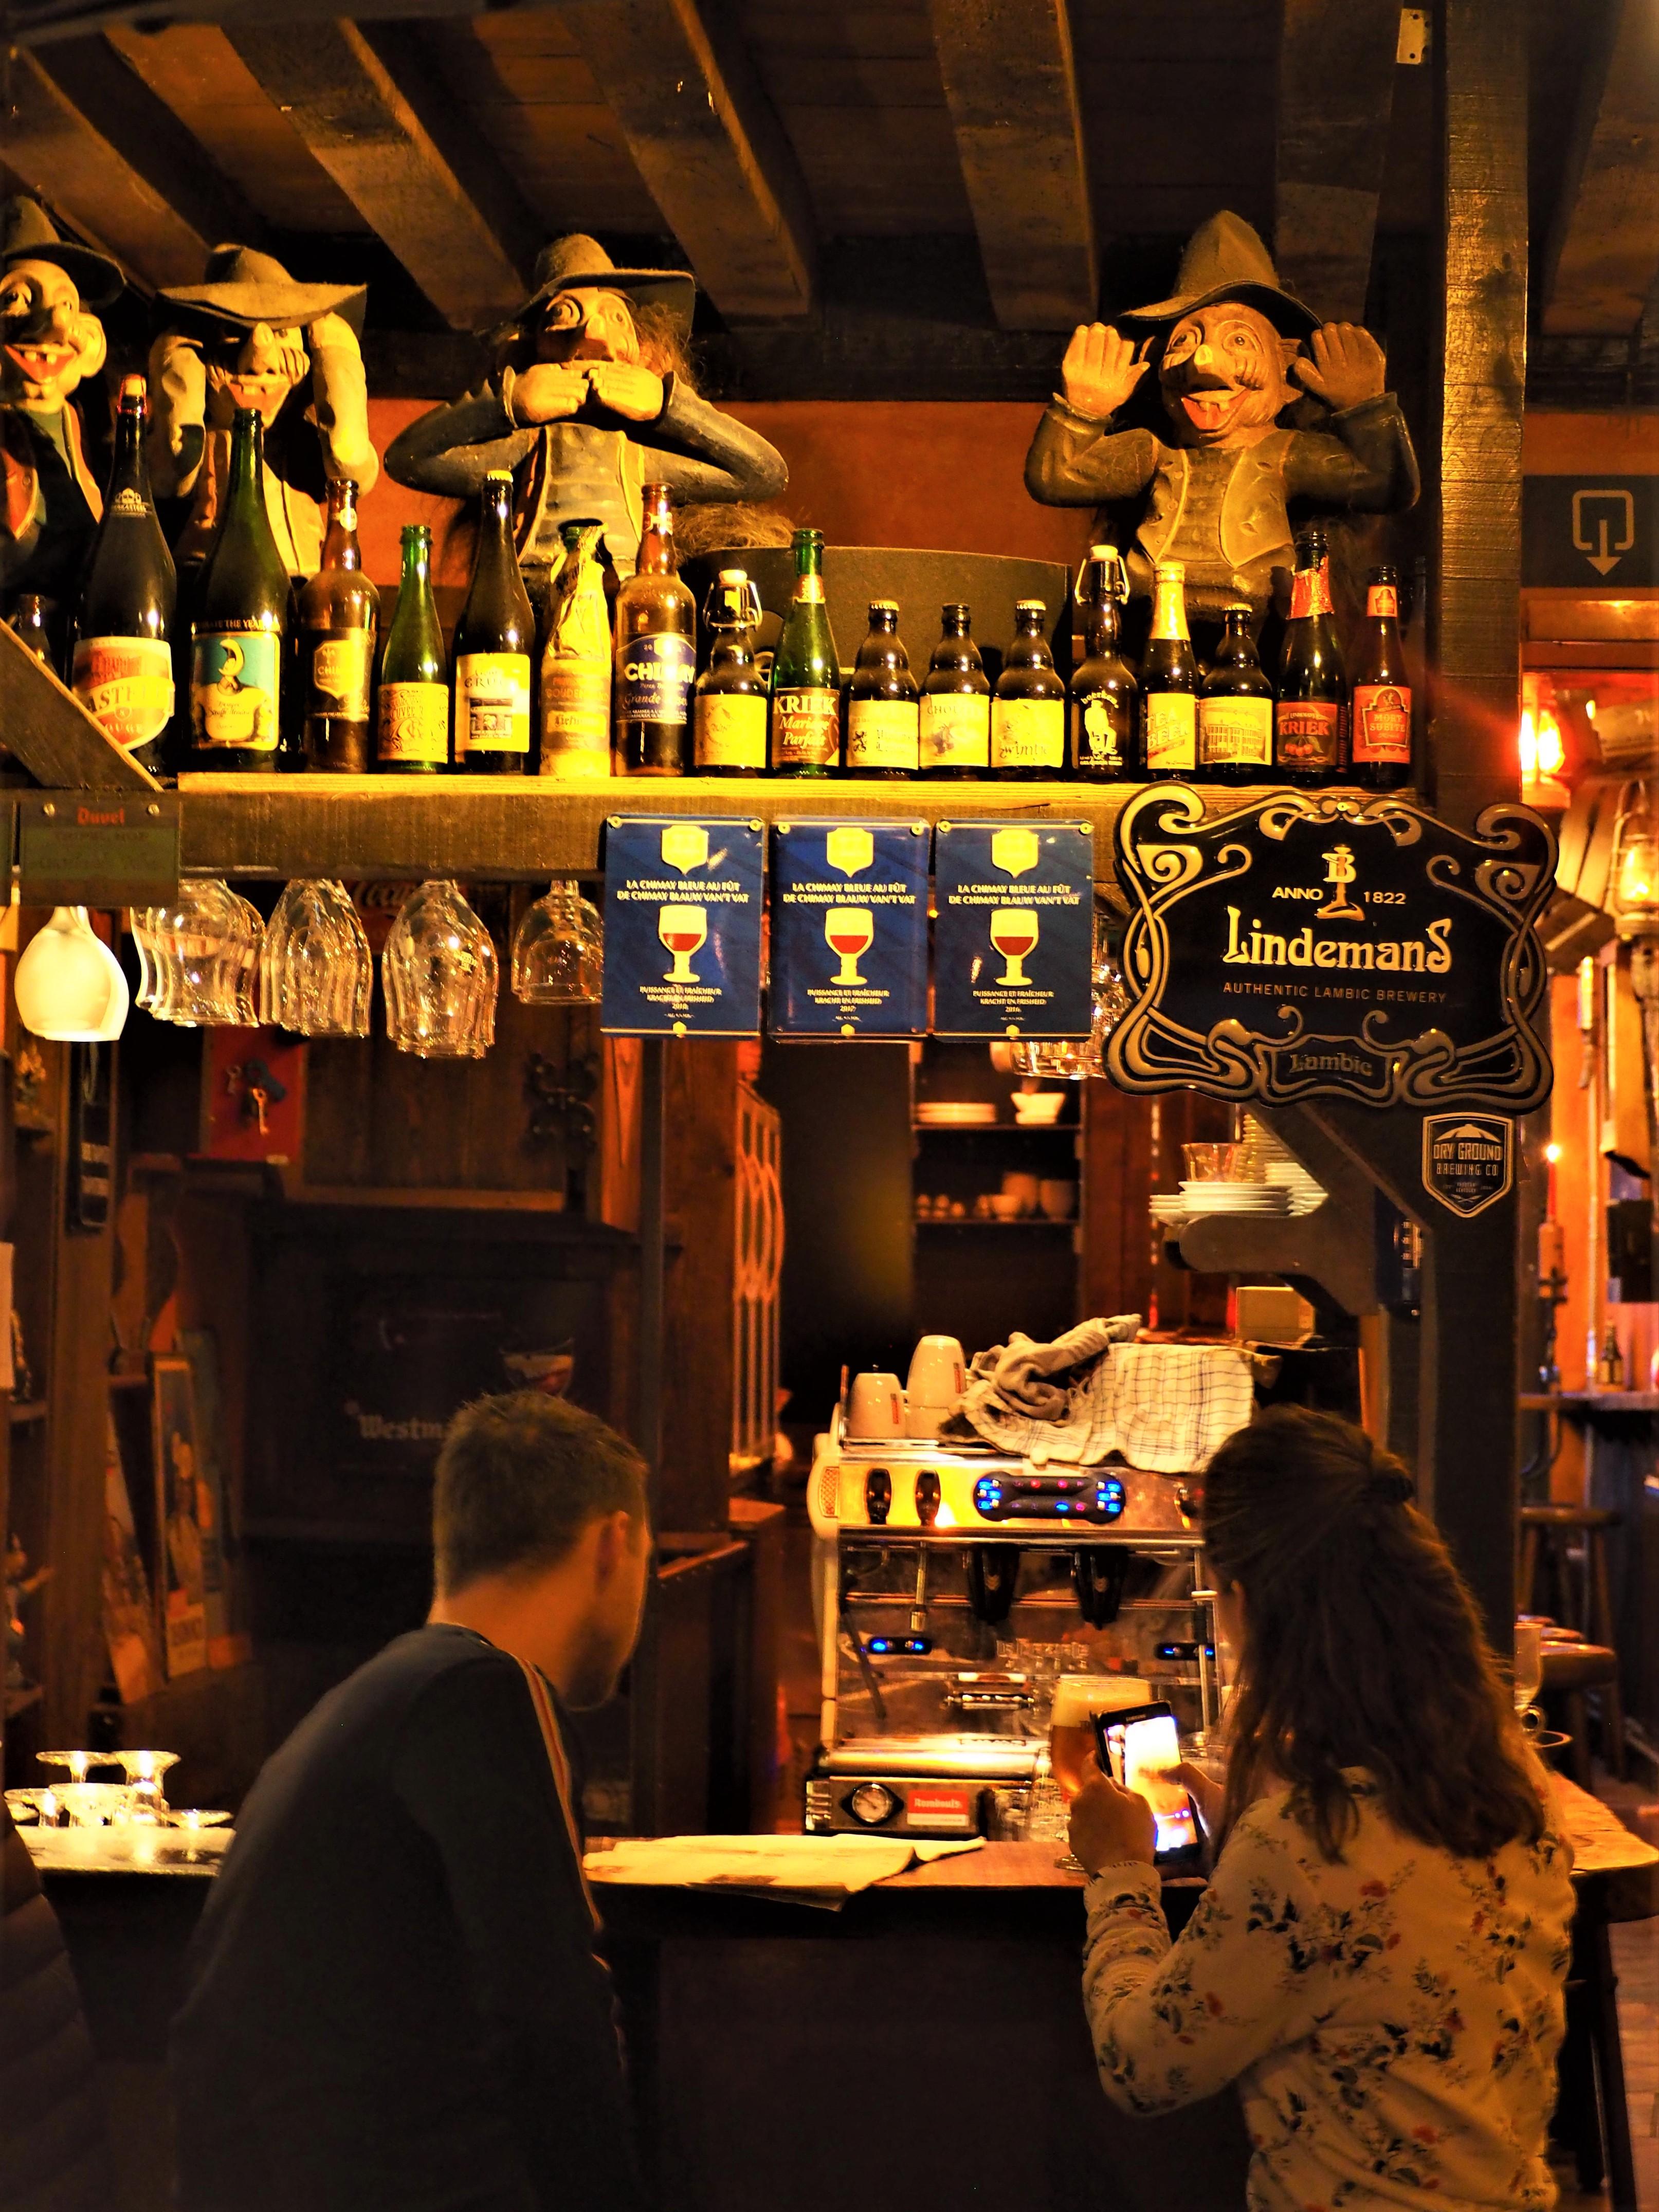 Bar gand belgique pub trollekelder eglise saint jacques atypique clioandco blog voyage décoration